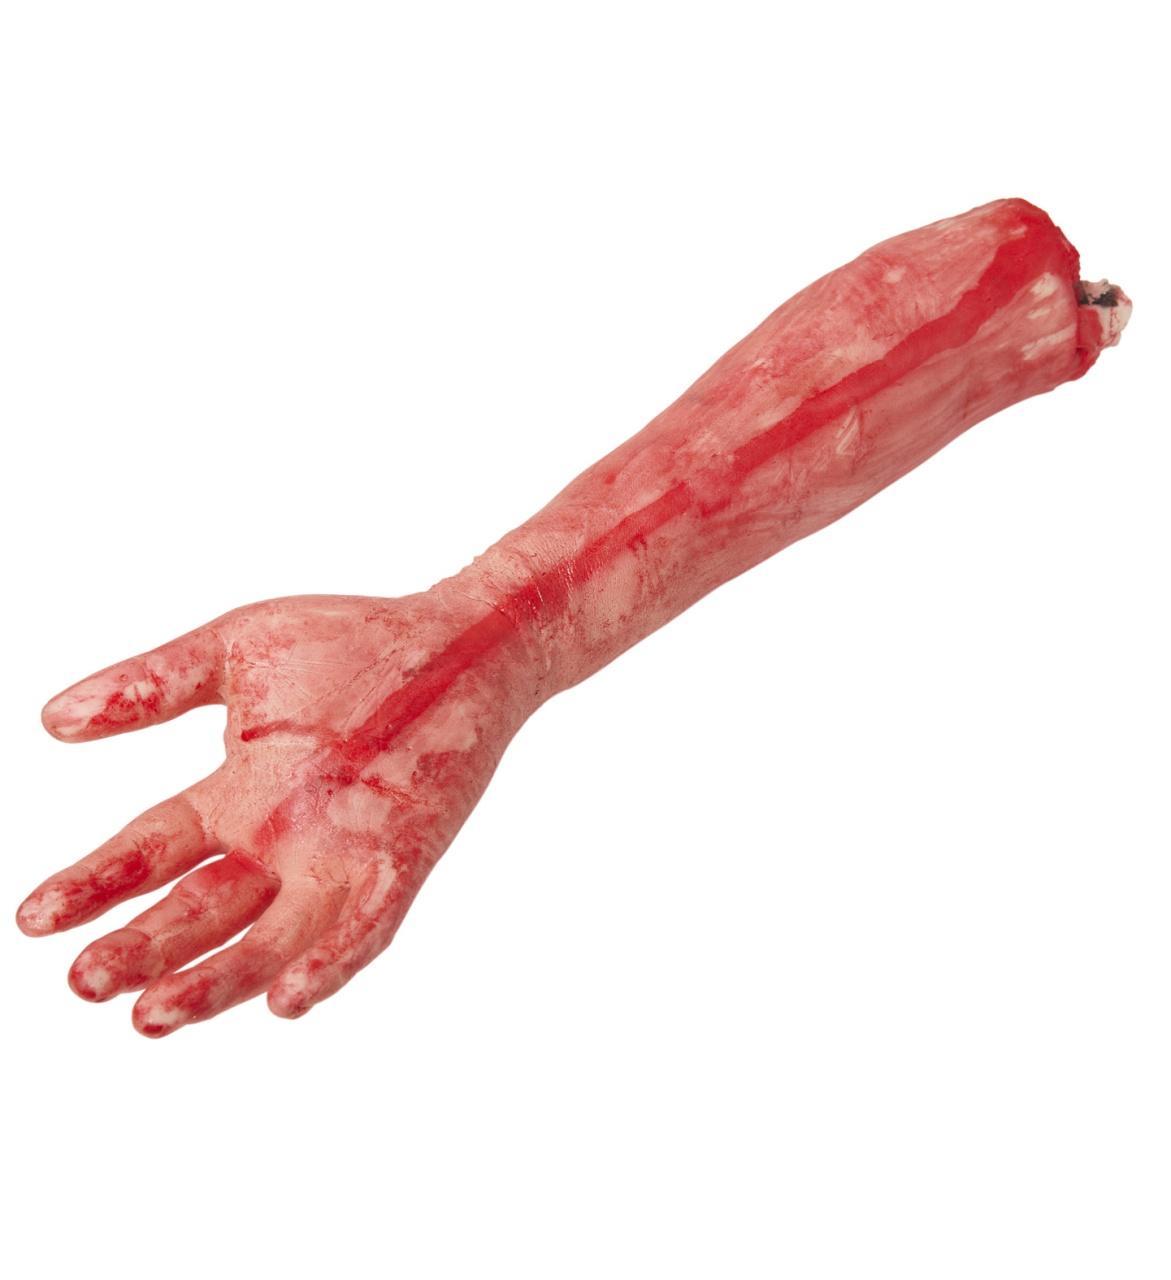 Arm abgehackter Arm in Lebensgröße - ca 47cm